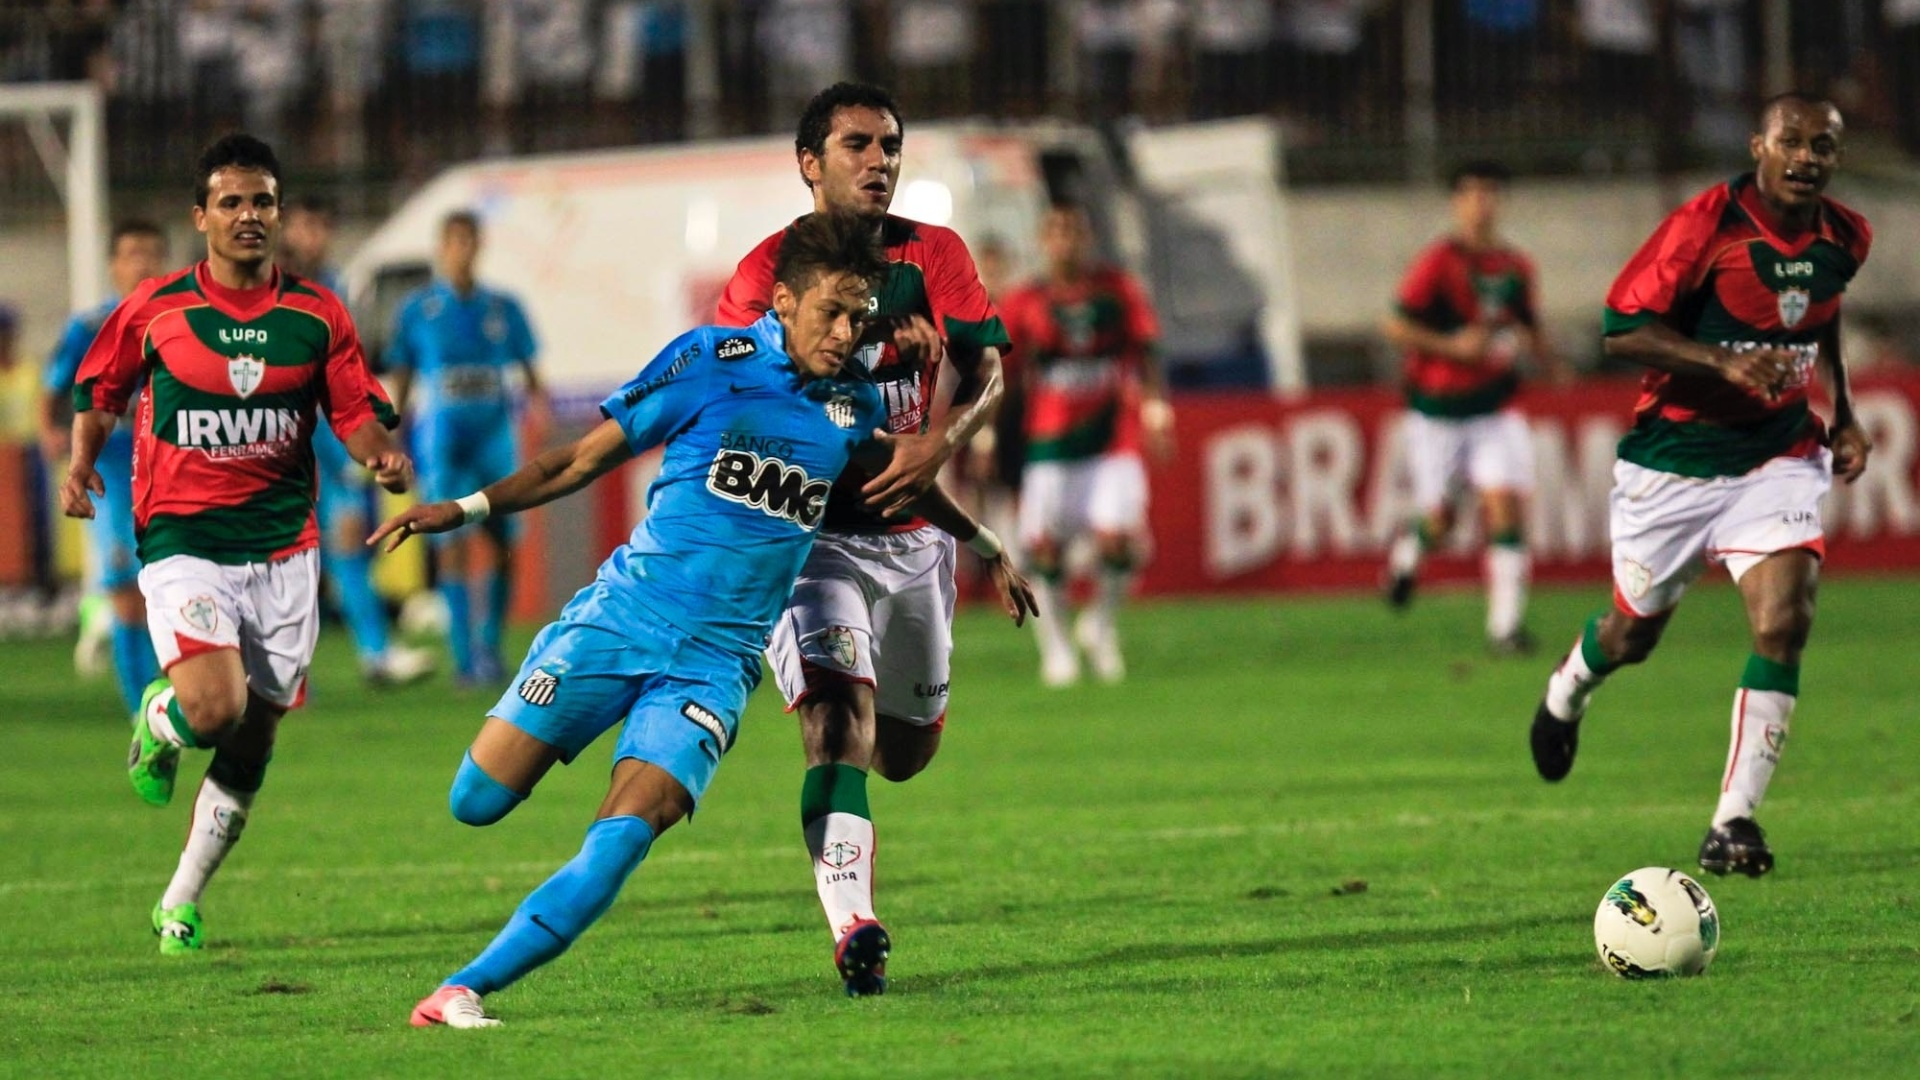 Neymar arranca e é puxado por jogador da Portuguesa, no fim da partida realizada no Canindé